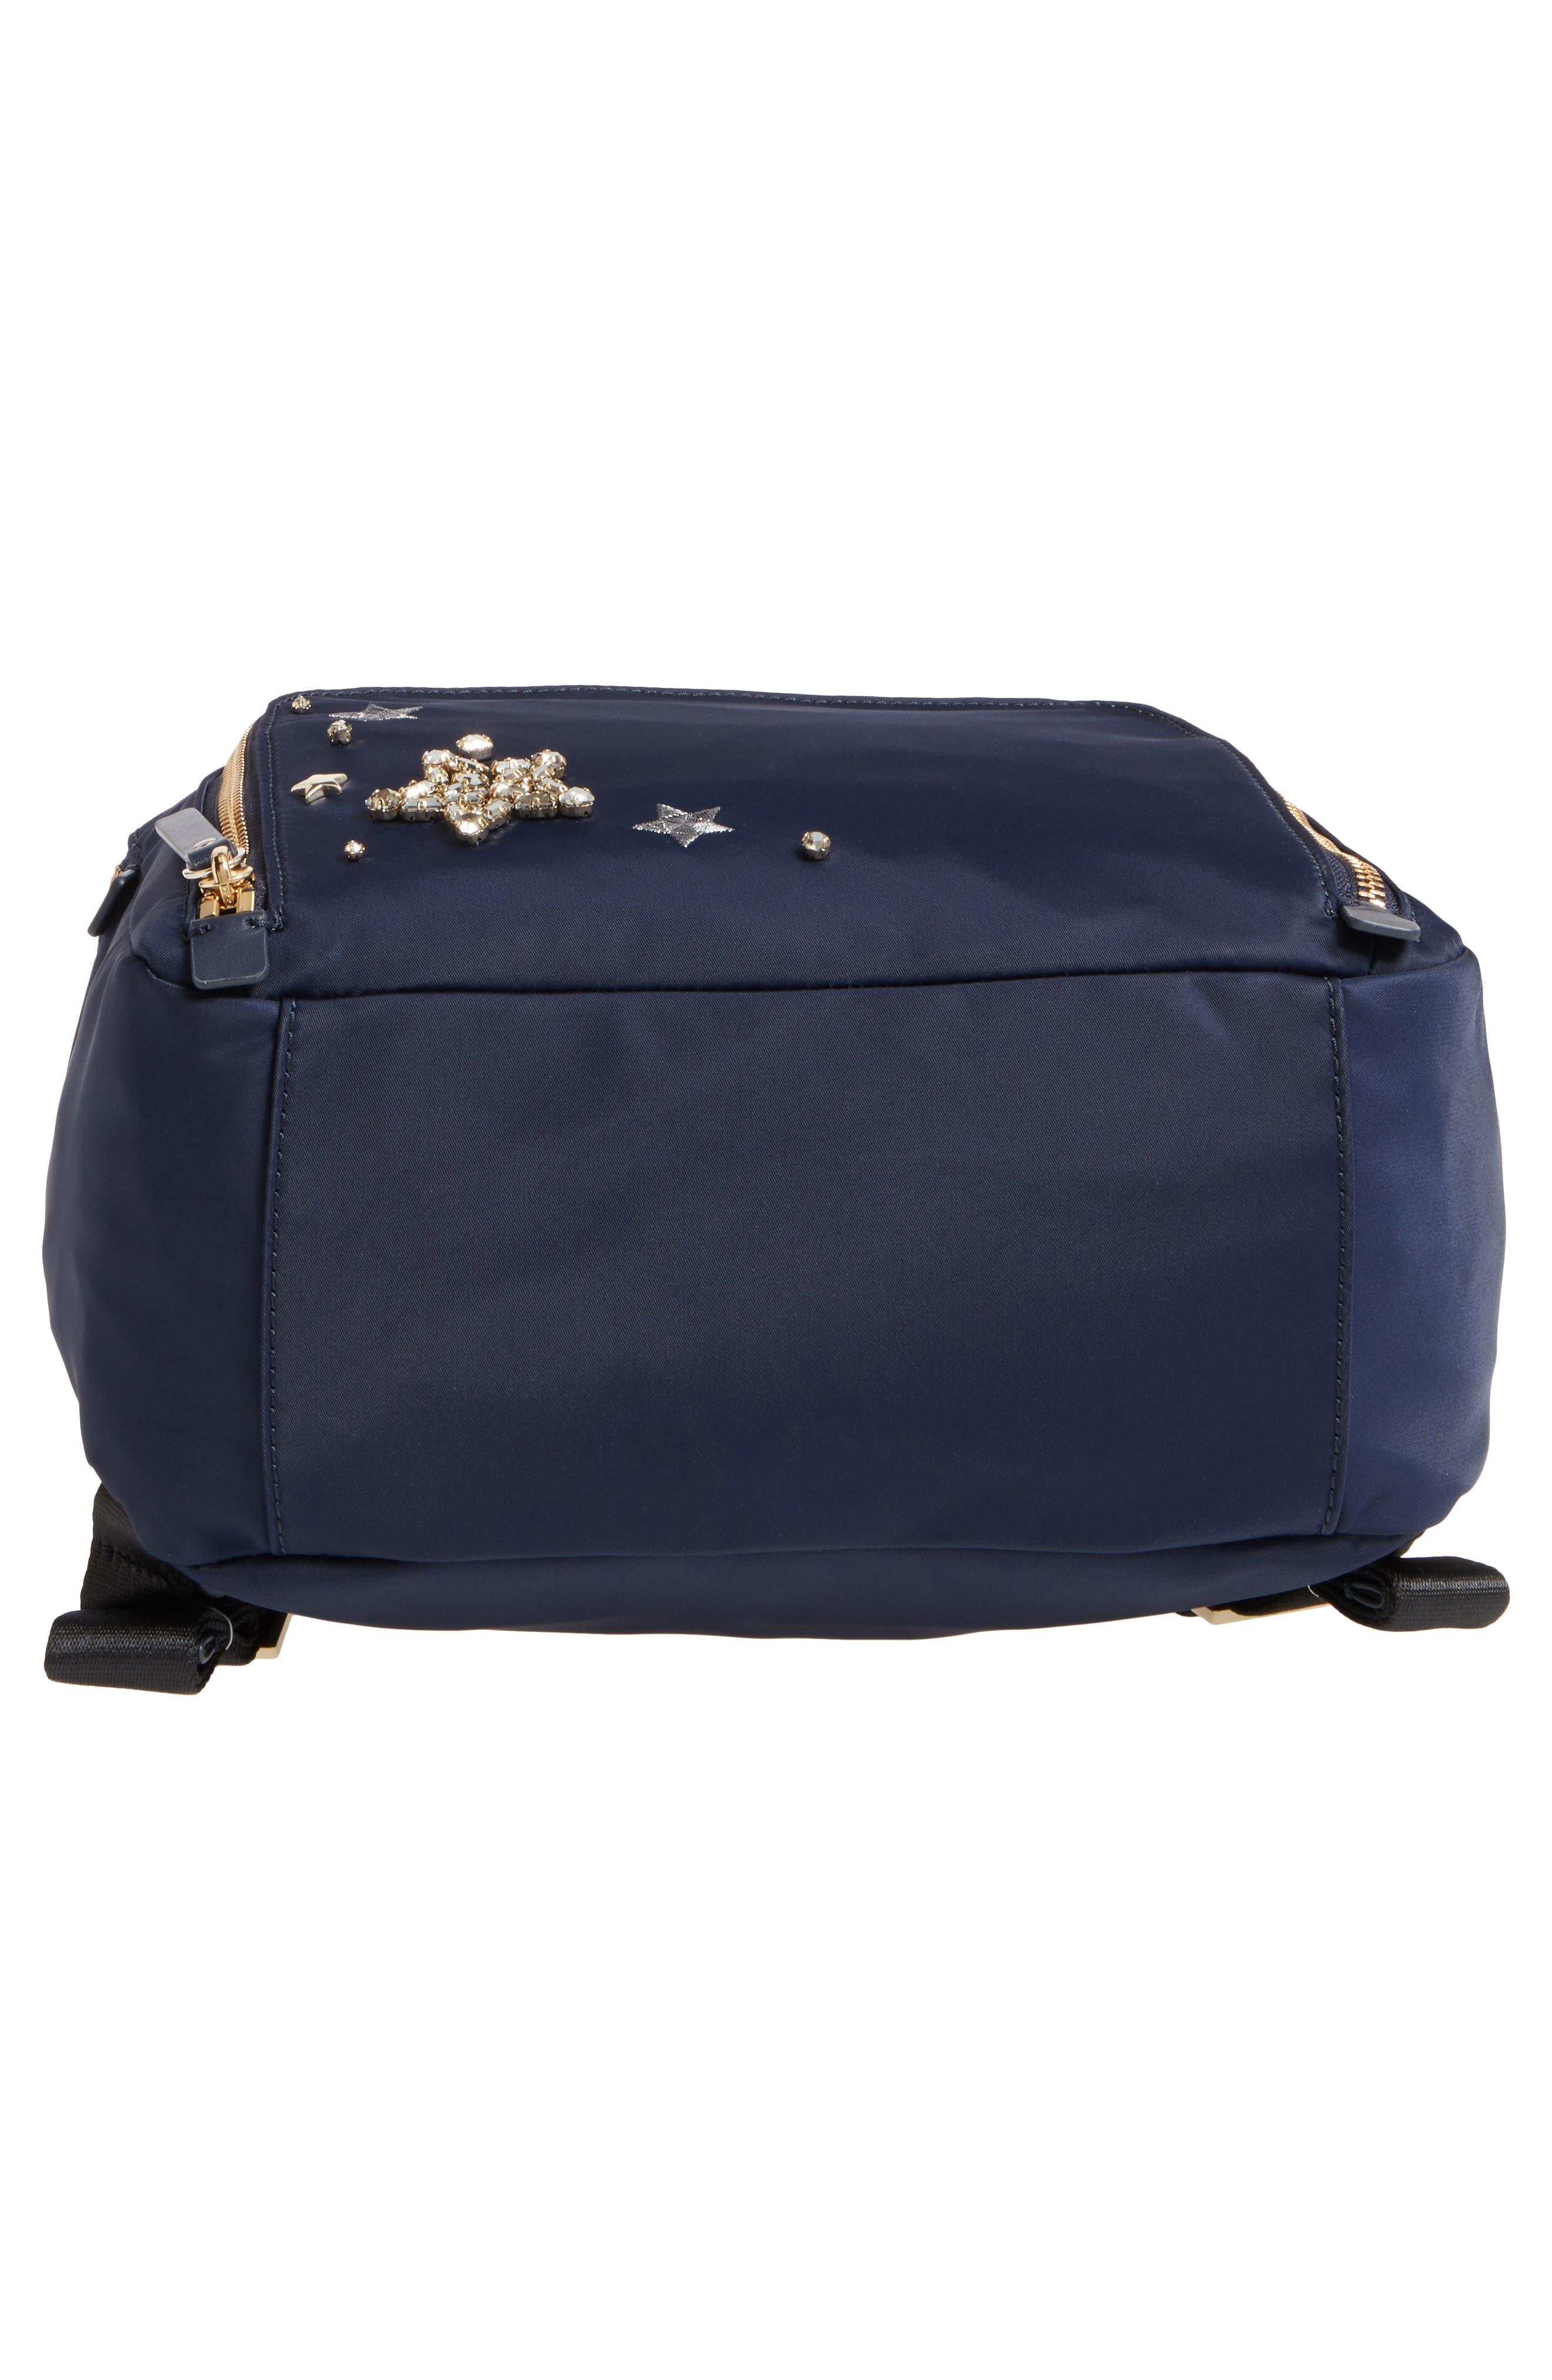 watson lane - hartley embellished nylon backpack,                             Alternate thumbnail 6, color,